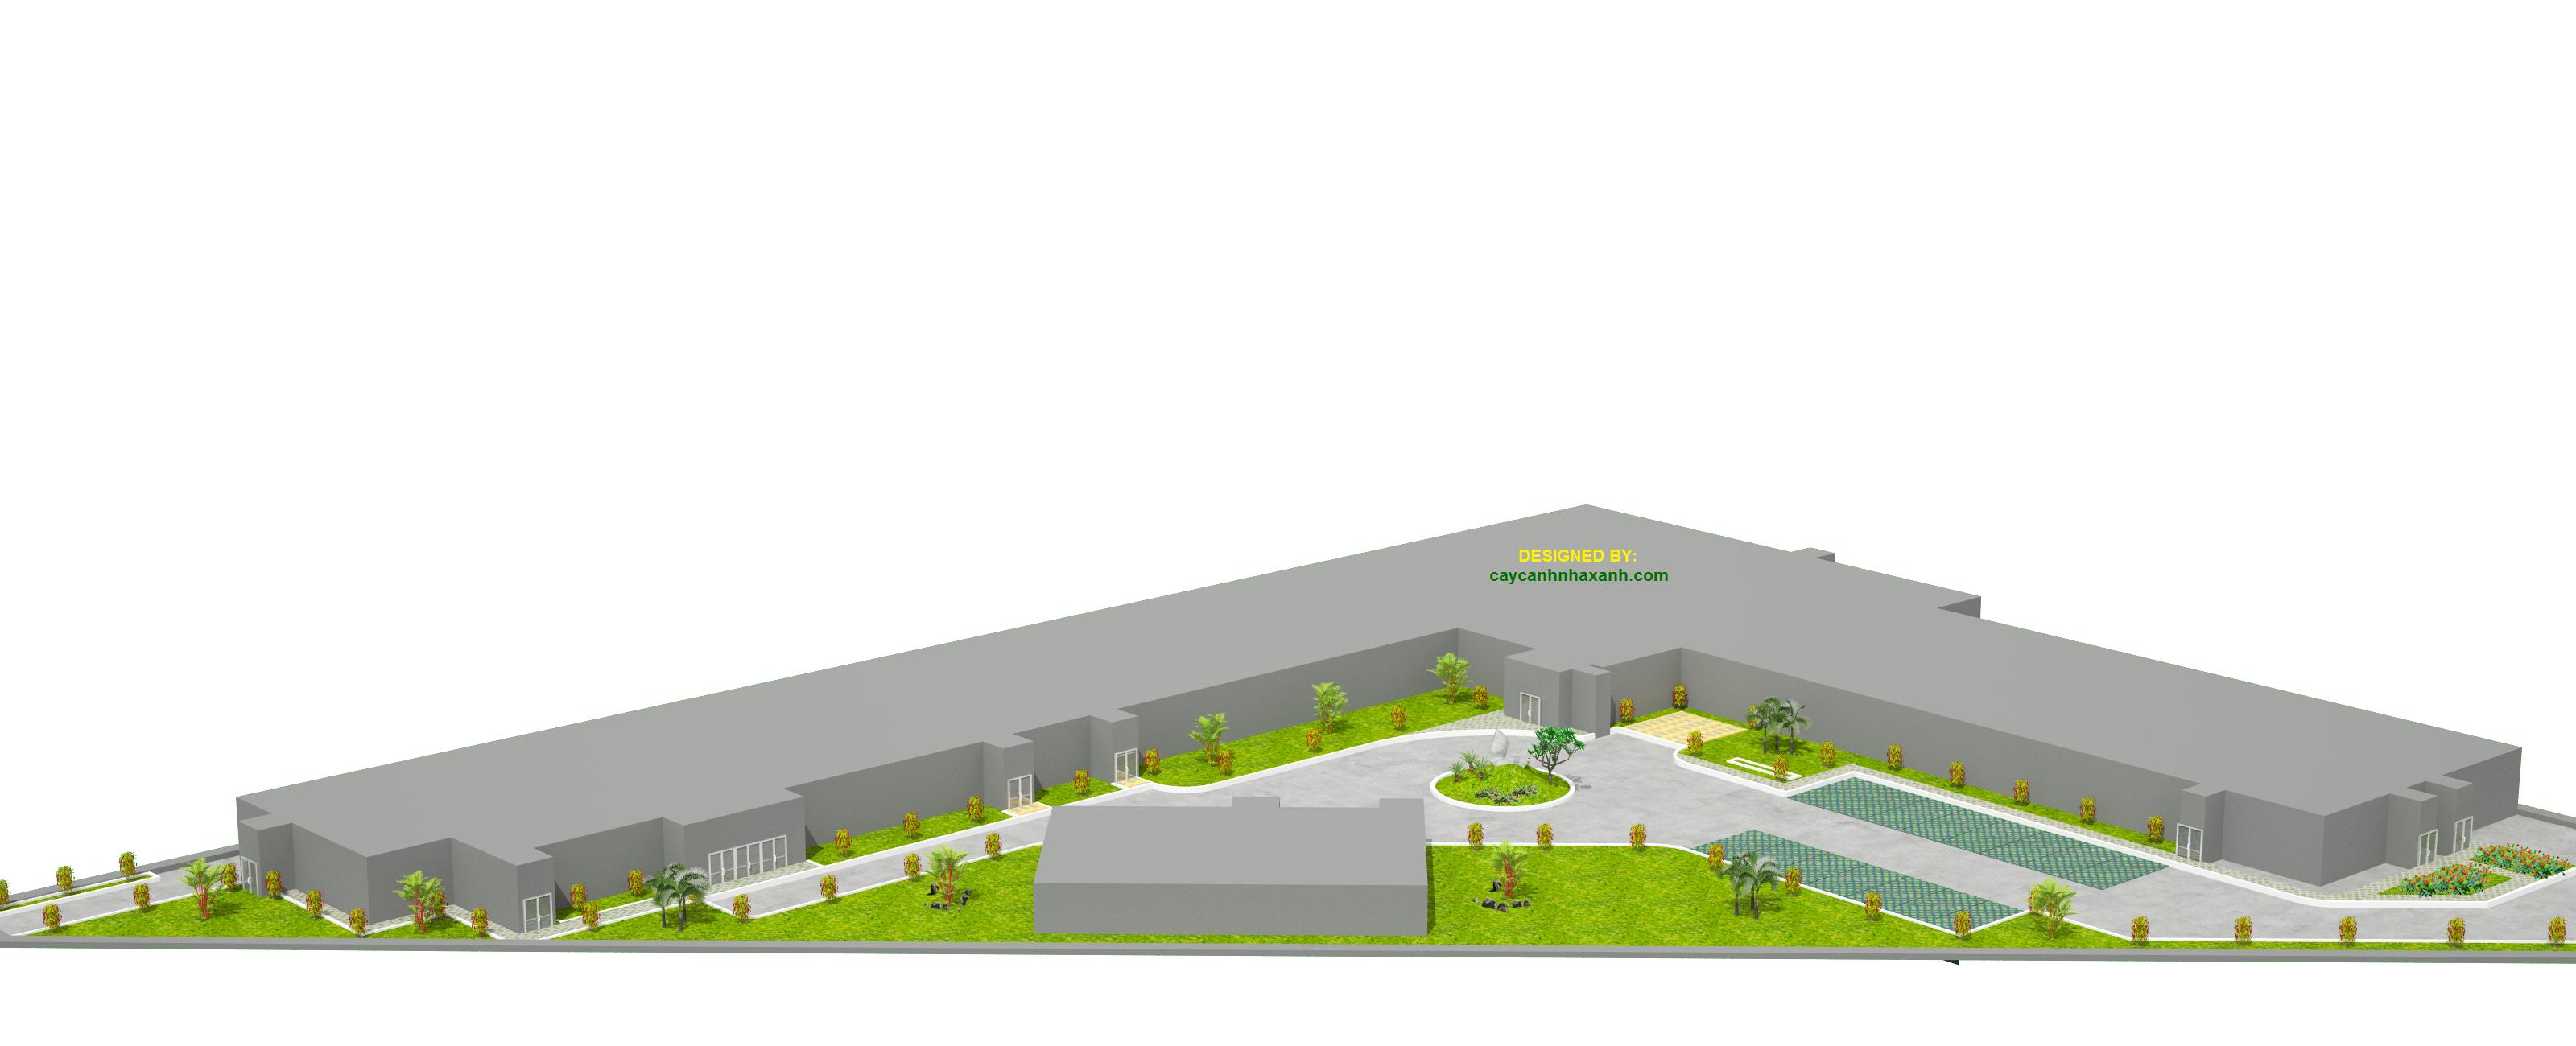 Thiết kế mảng cây xanh nhà máy điện BT